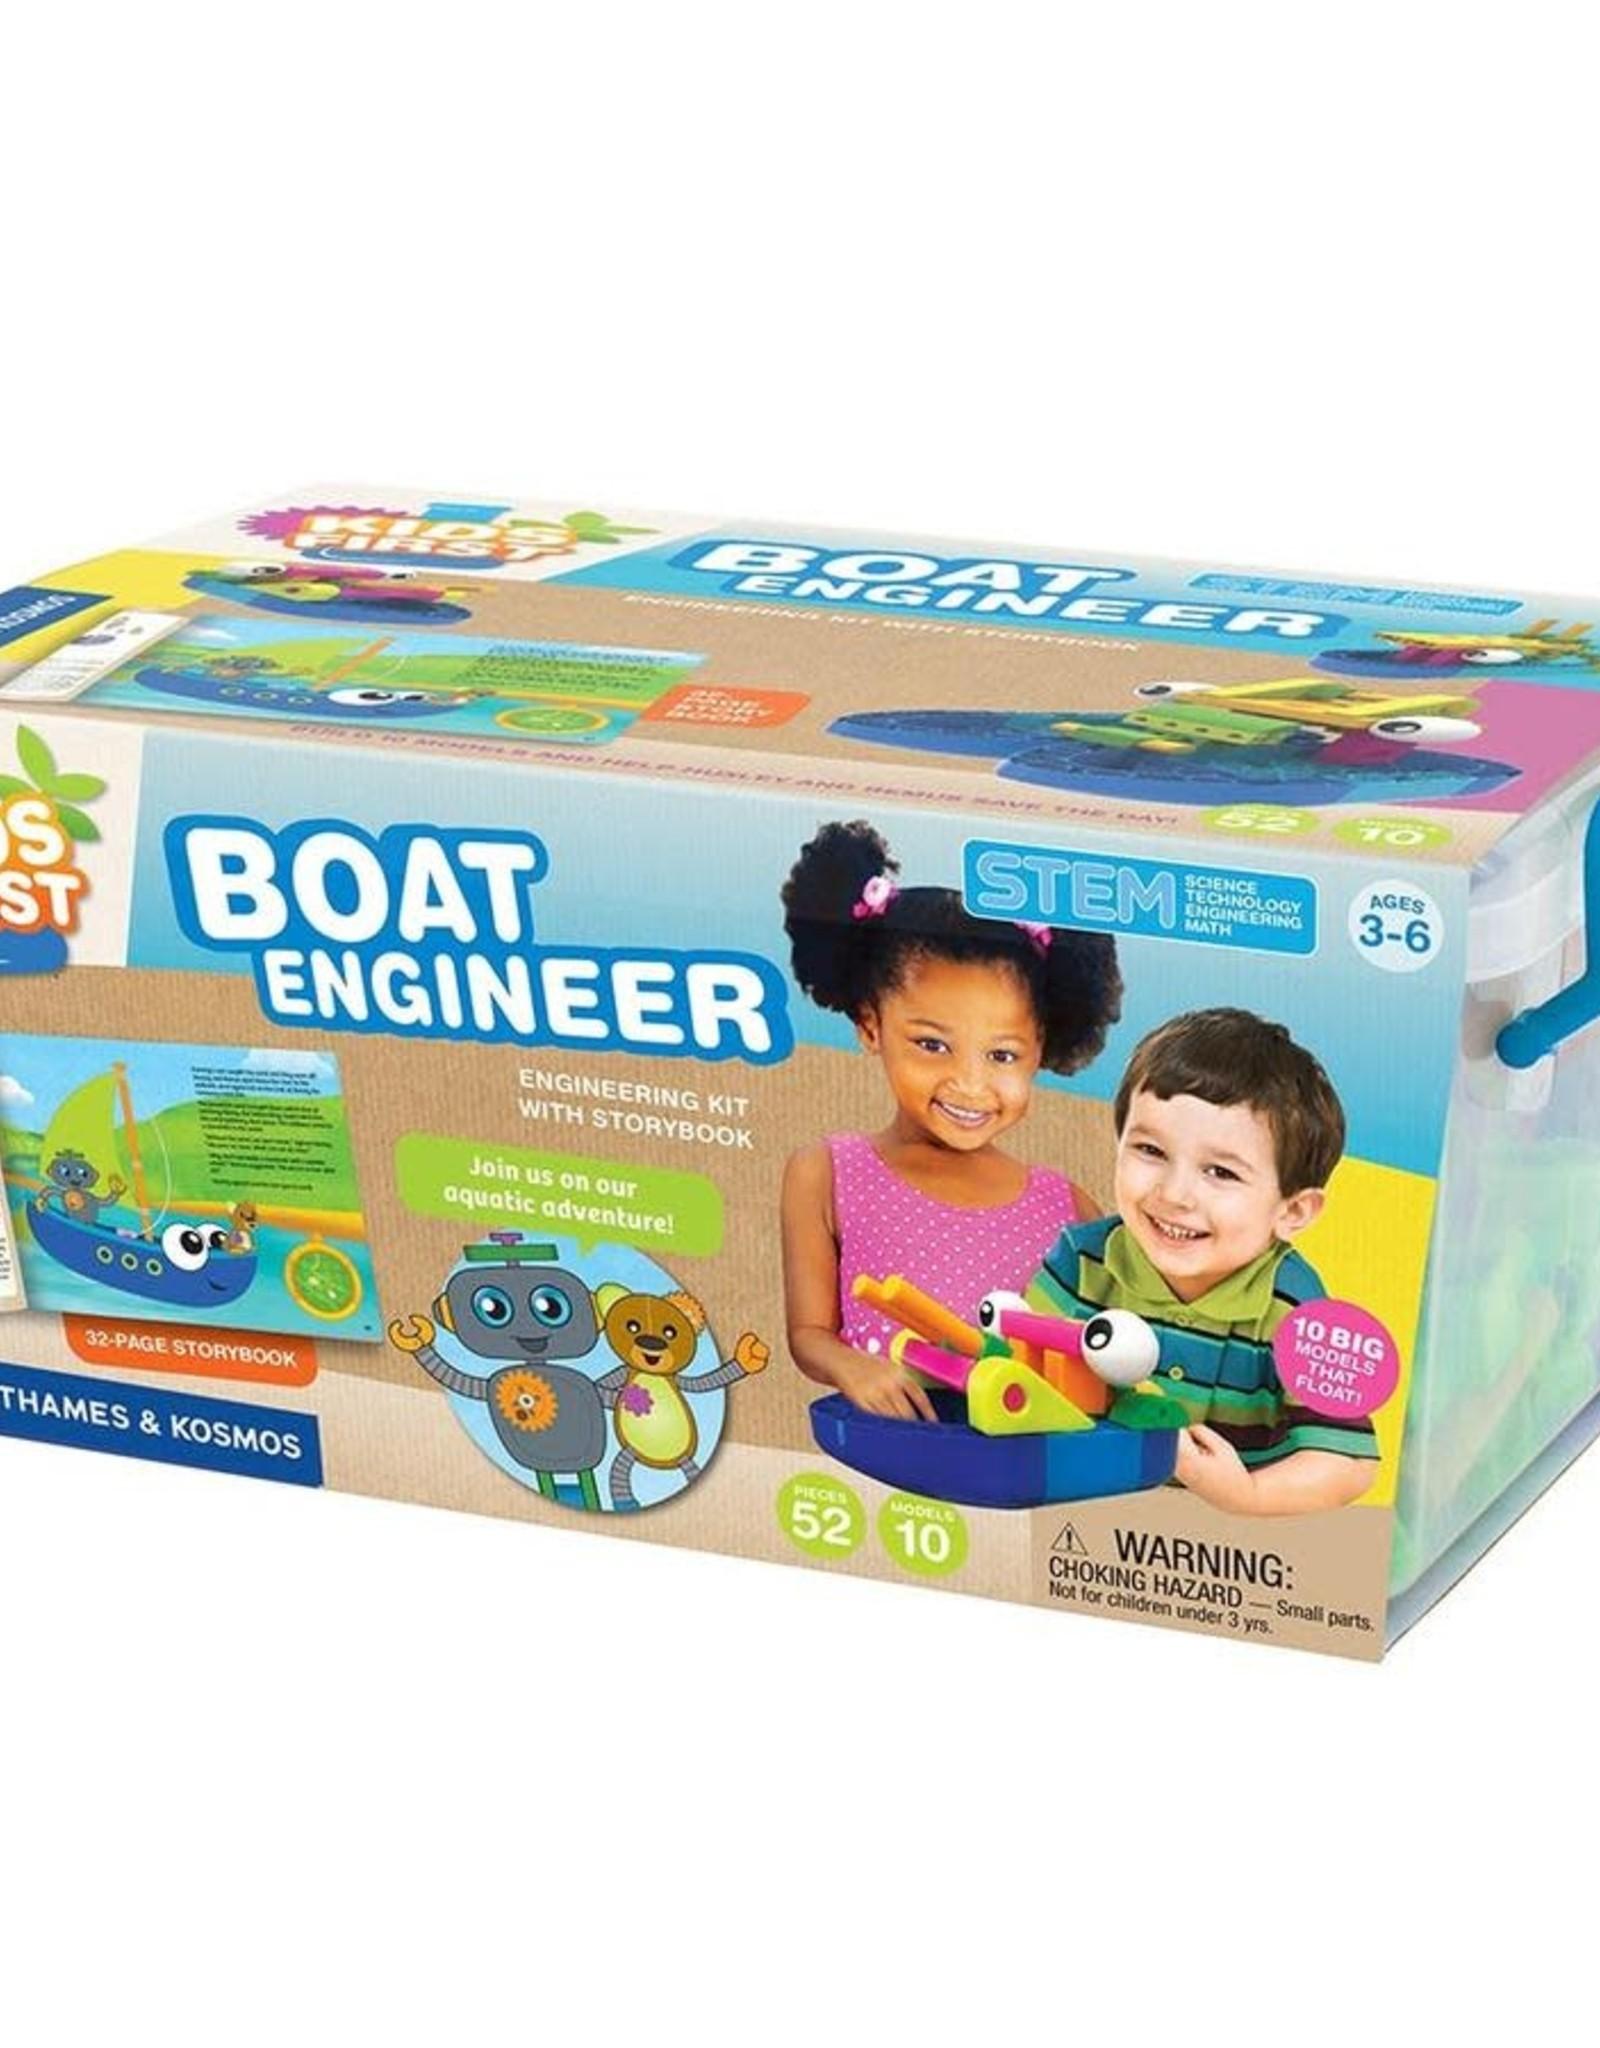 Thames & Kosmos BOAT ENGINEER